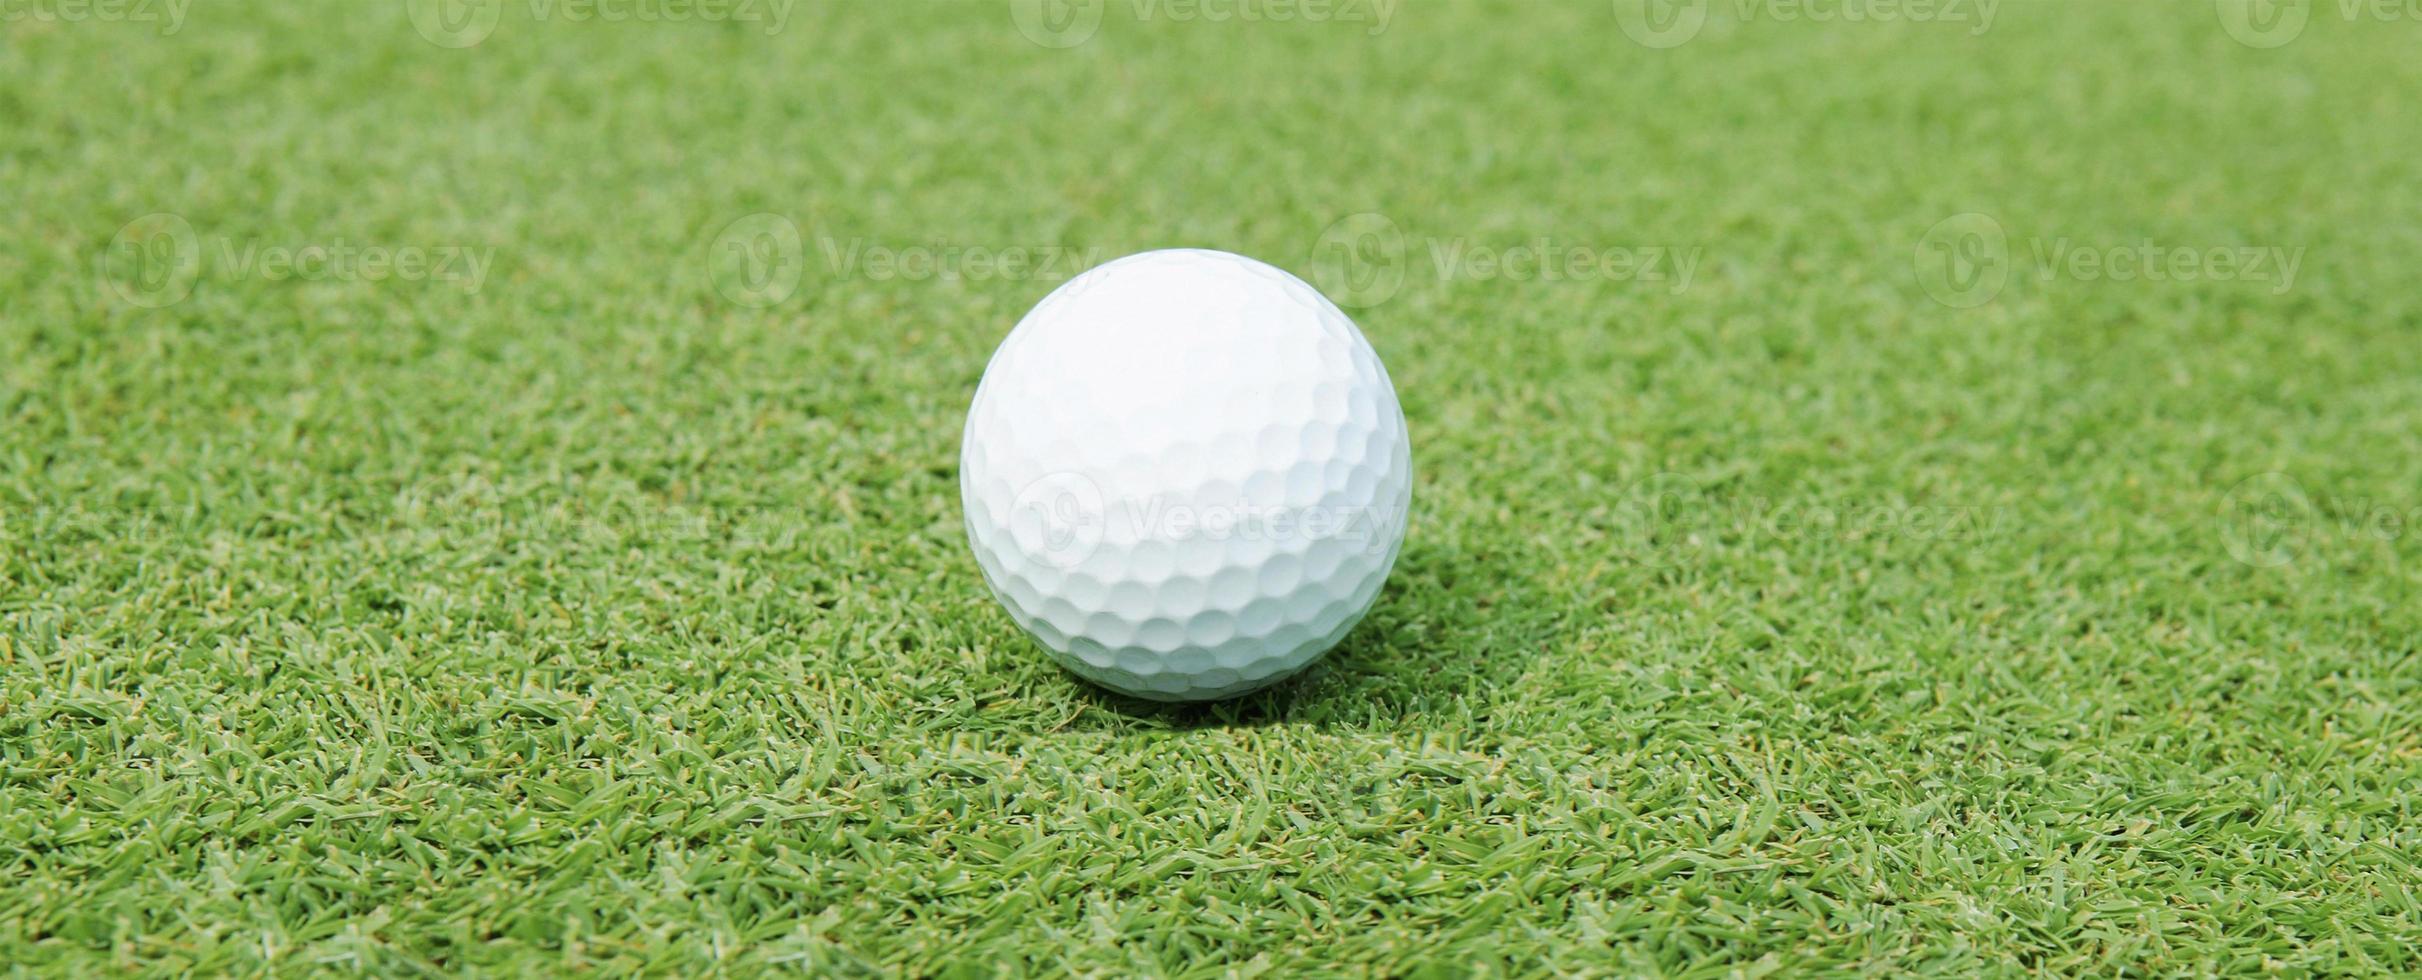 balle de golf gros plan photo